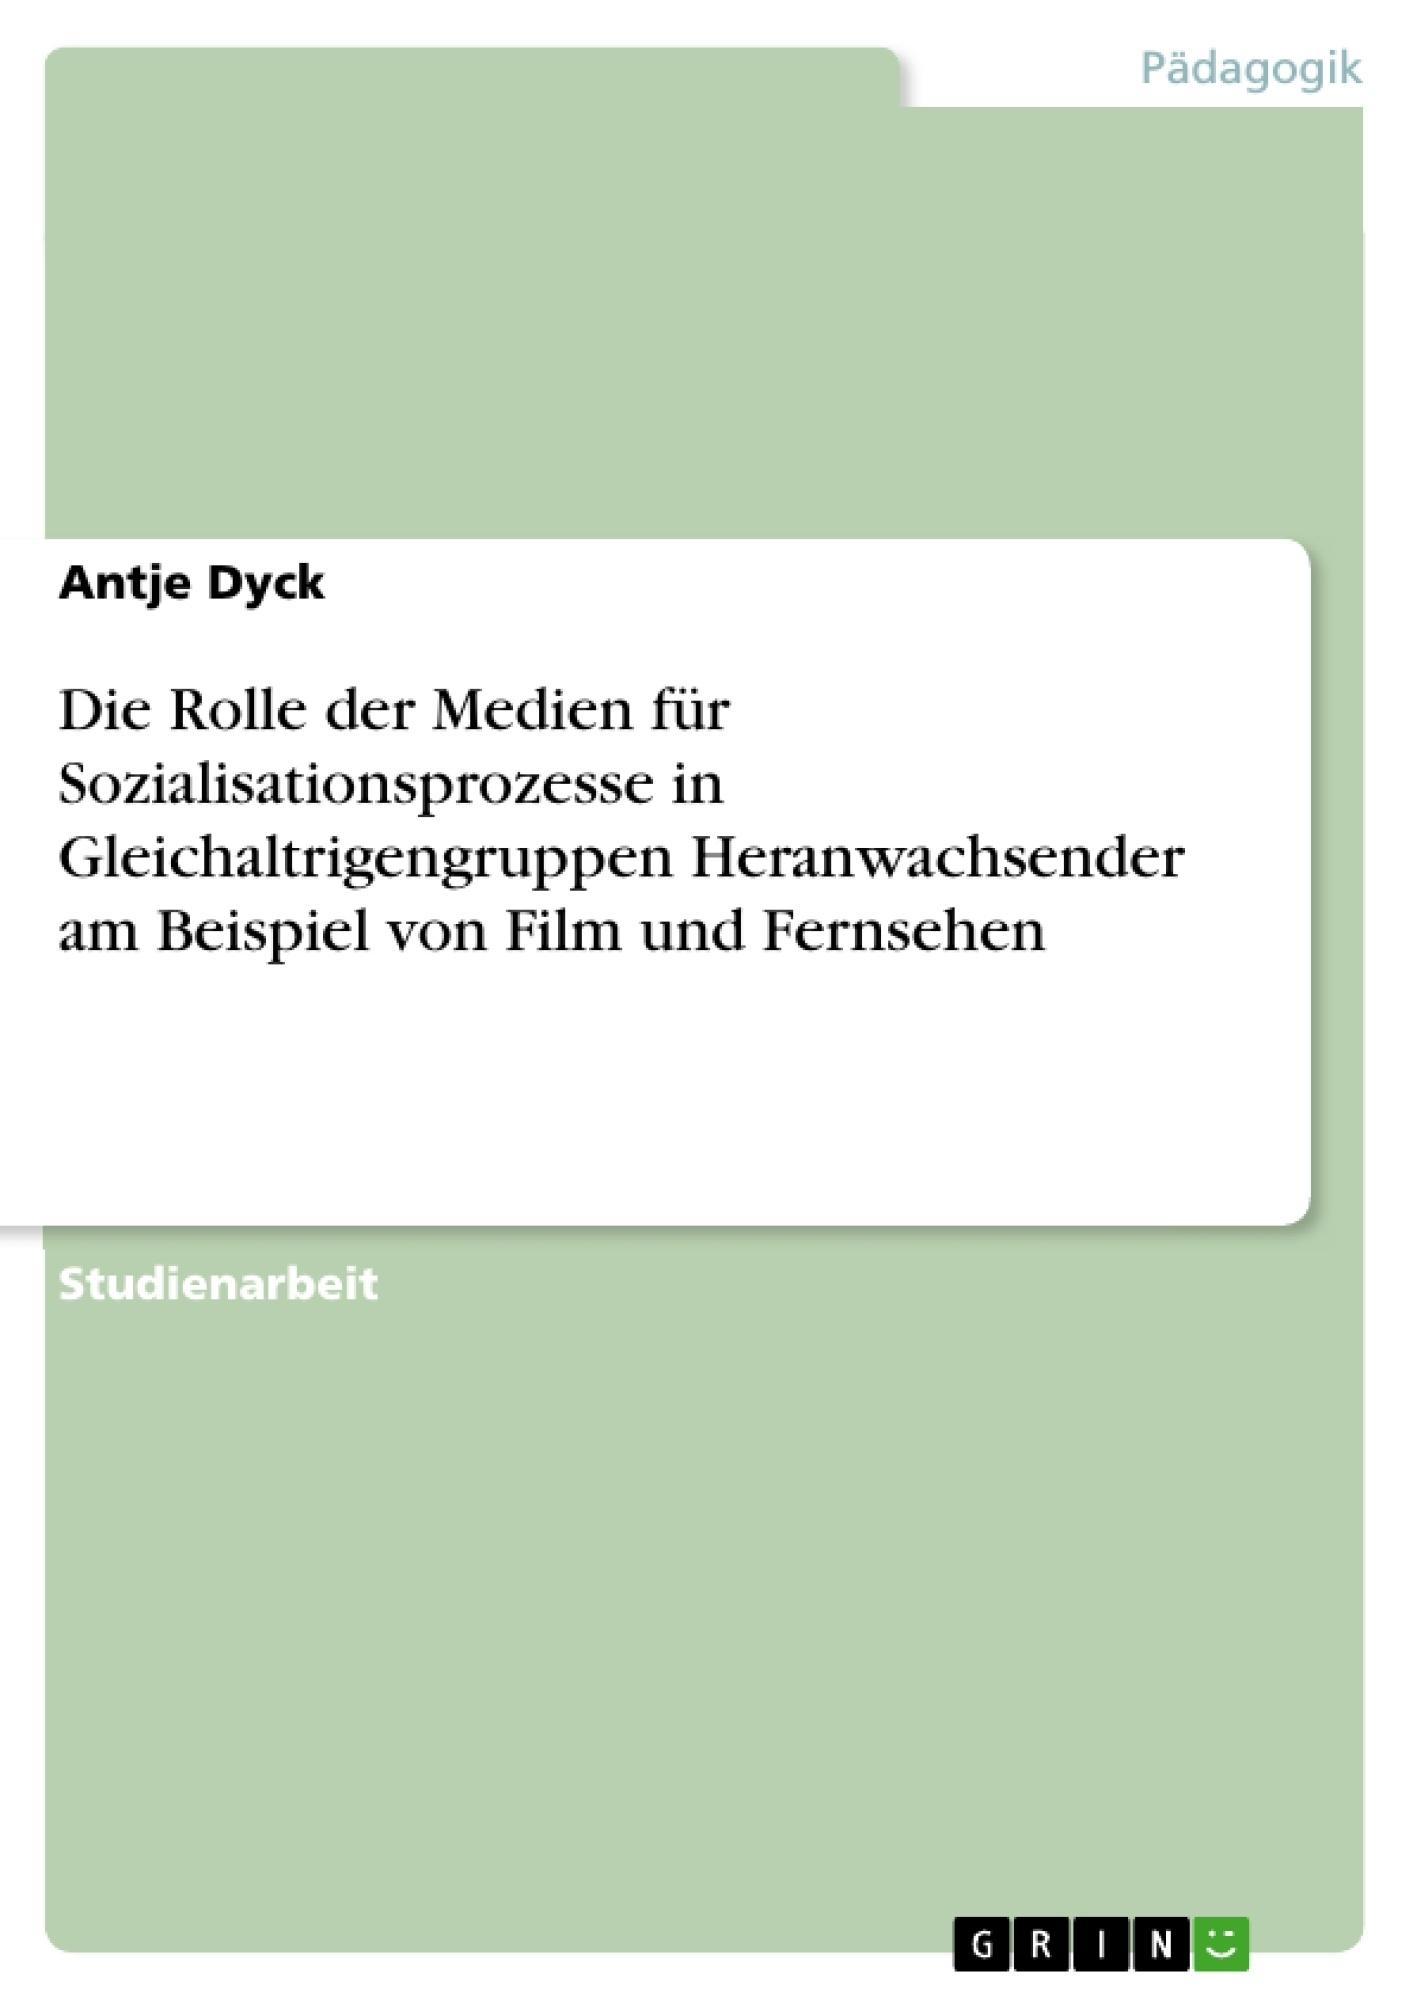 Titel: Die Rolle der Medien für Sozialisationsprozesse in Gleichaltrigengruppen Heranwachsender am Beispiel von Film und Fernsehen